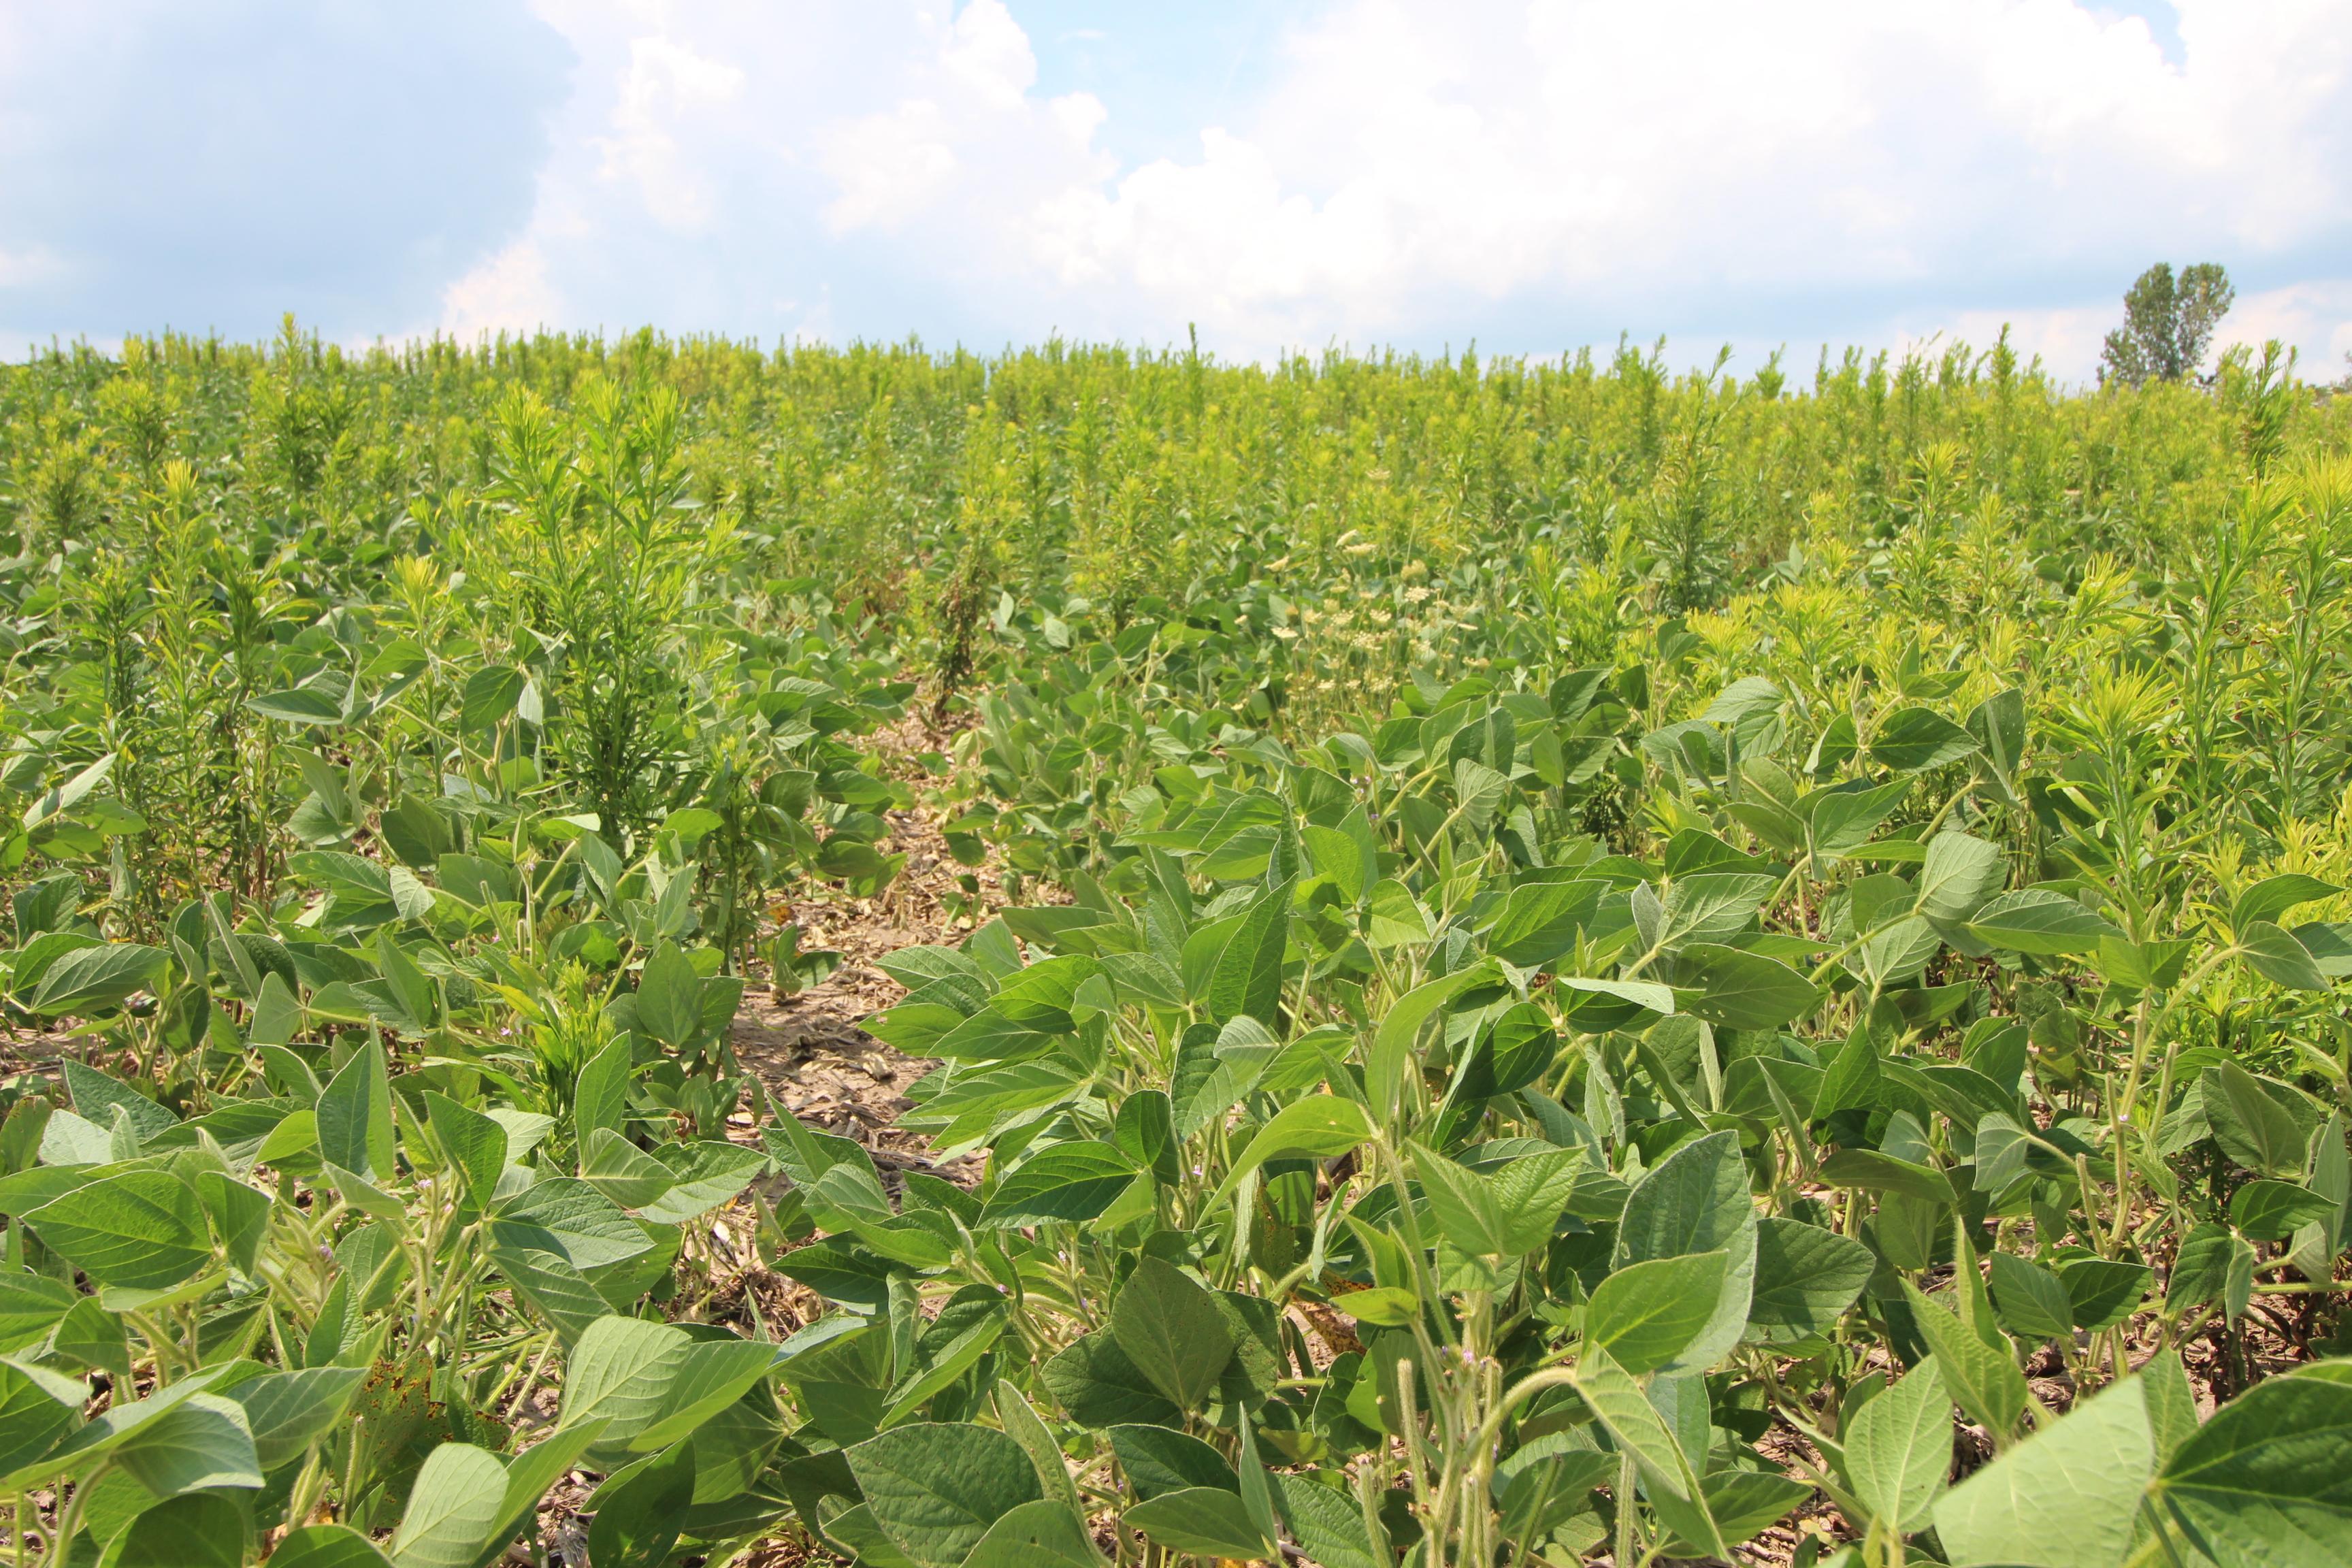 Marestail in soybean